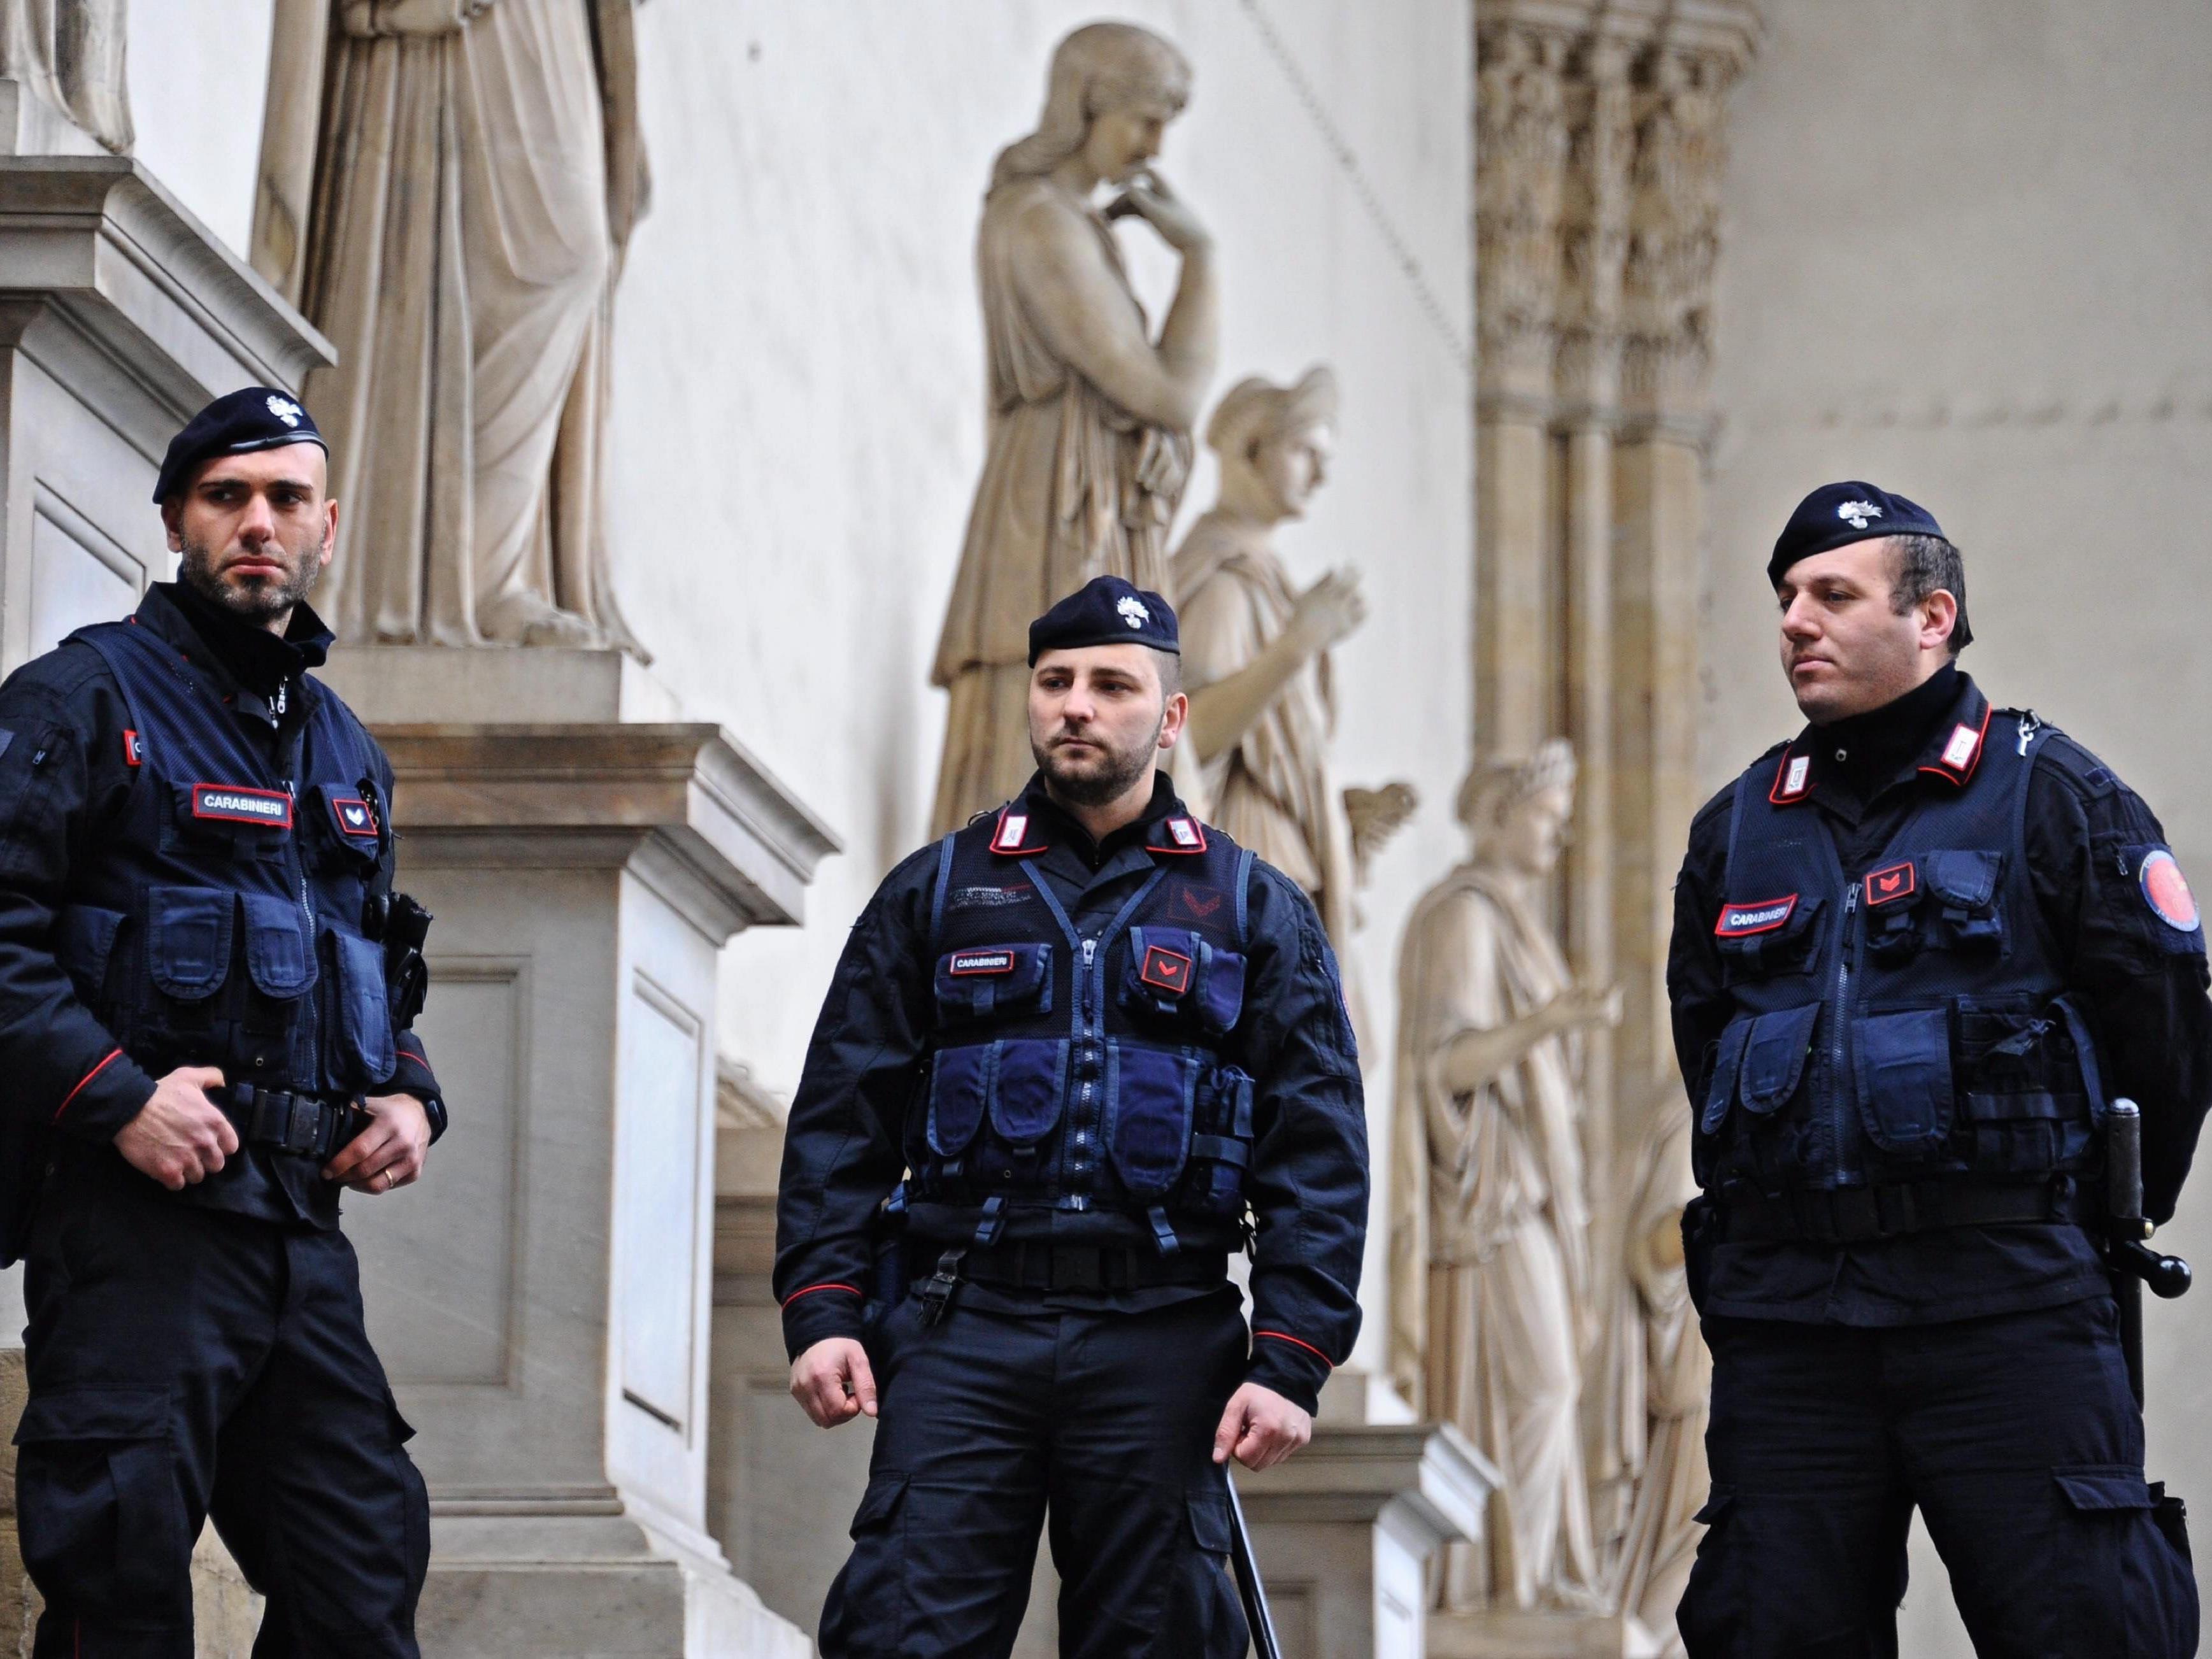 Die italienische Polizei nahm einen gesuchten Österreicher fest.